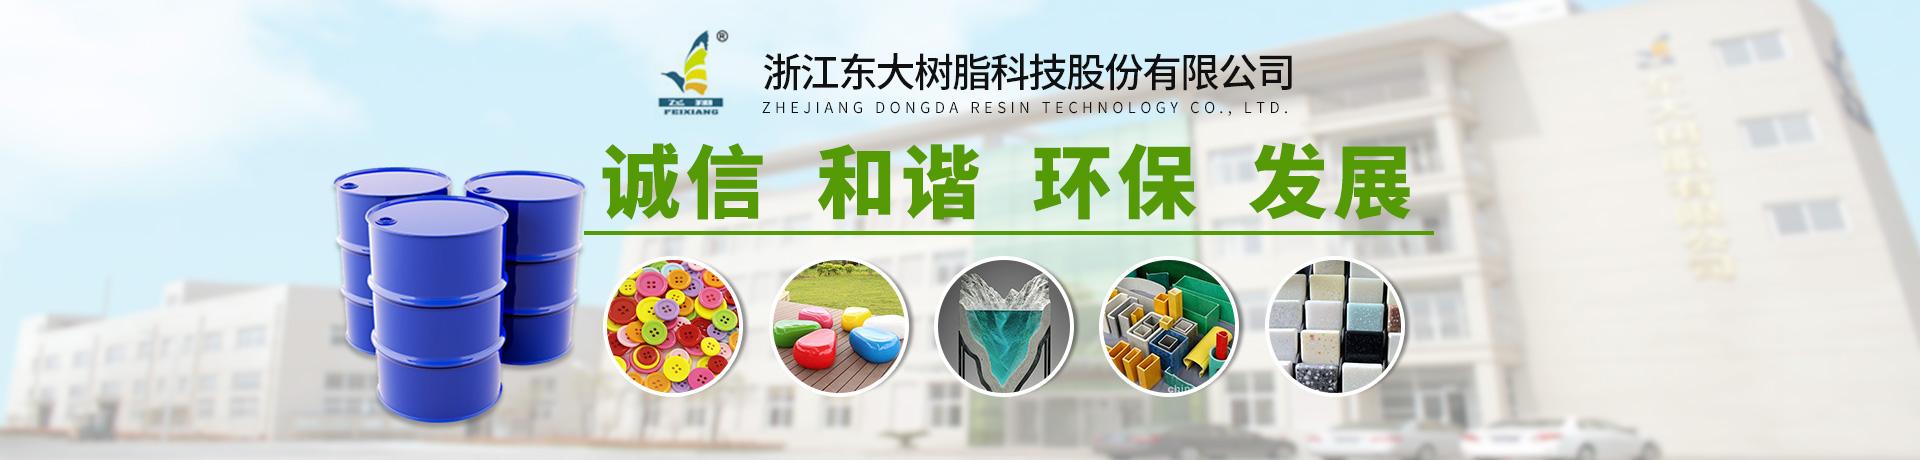 浙江东大树脂科技股份有限公司